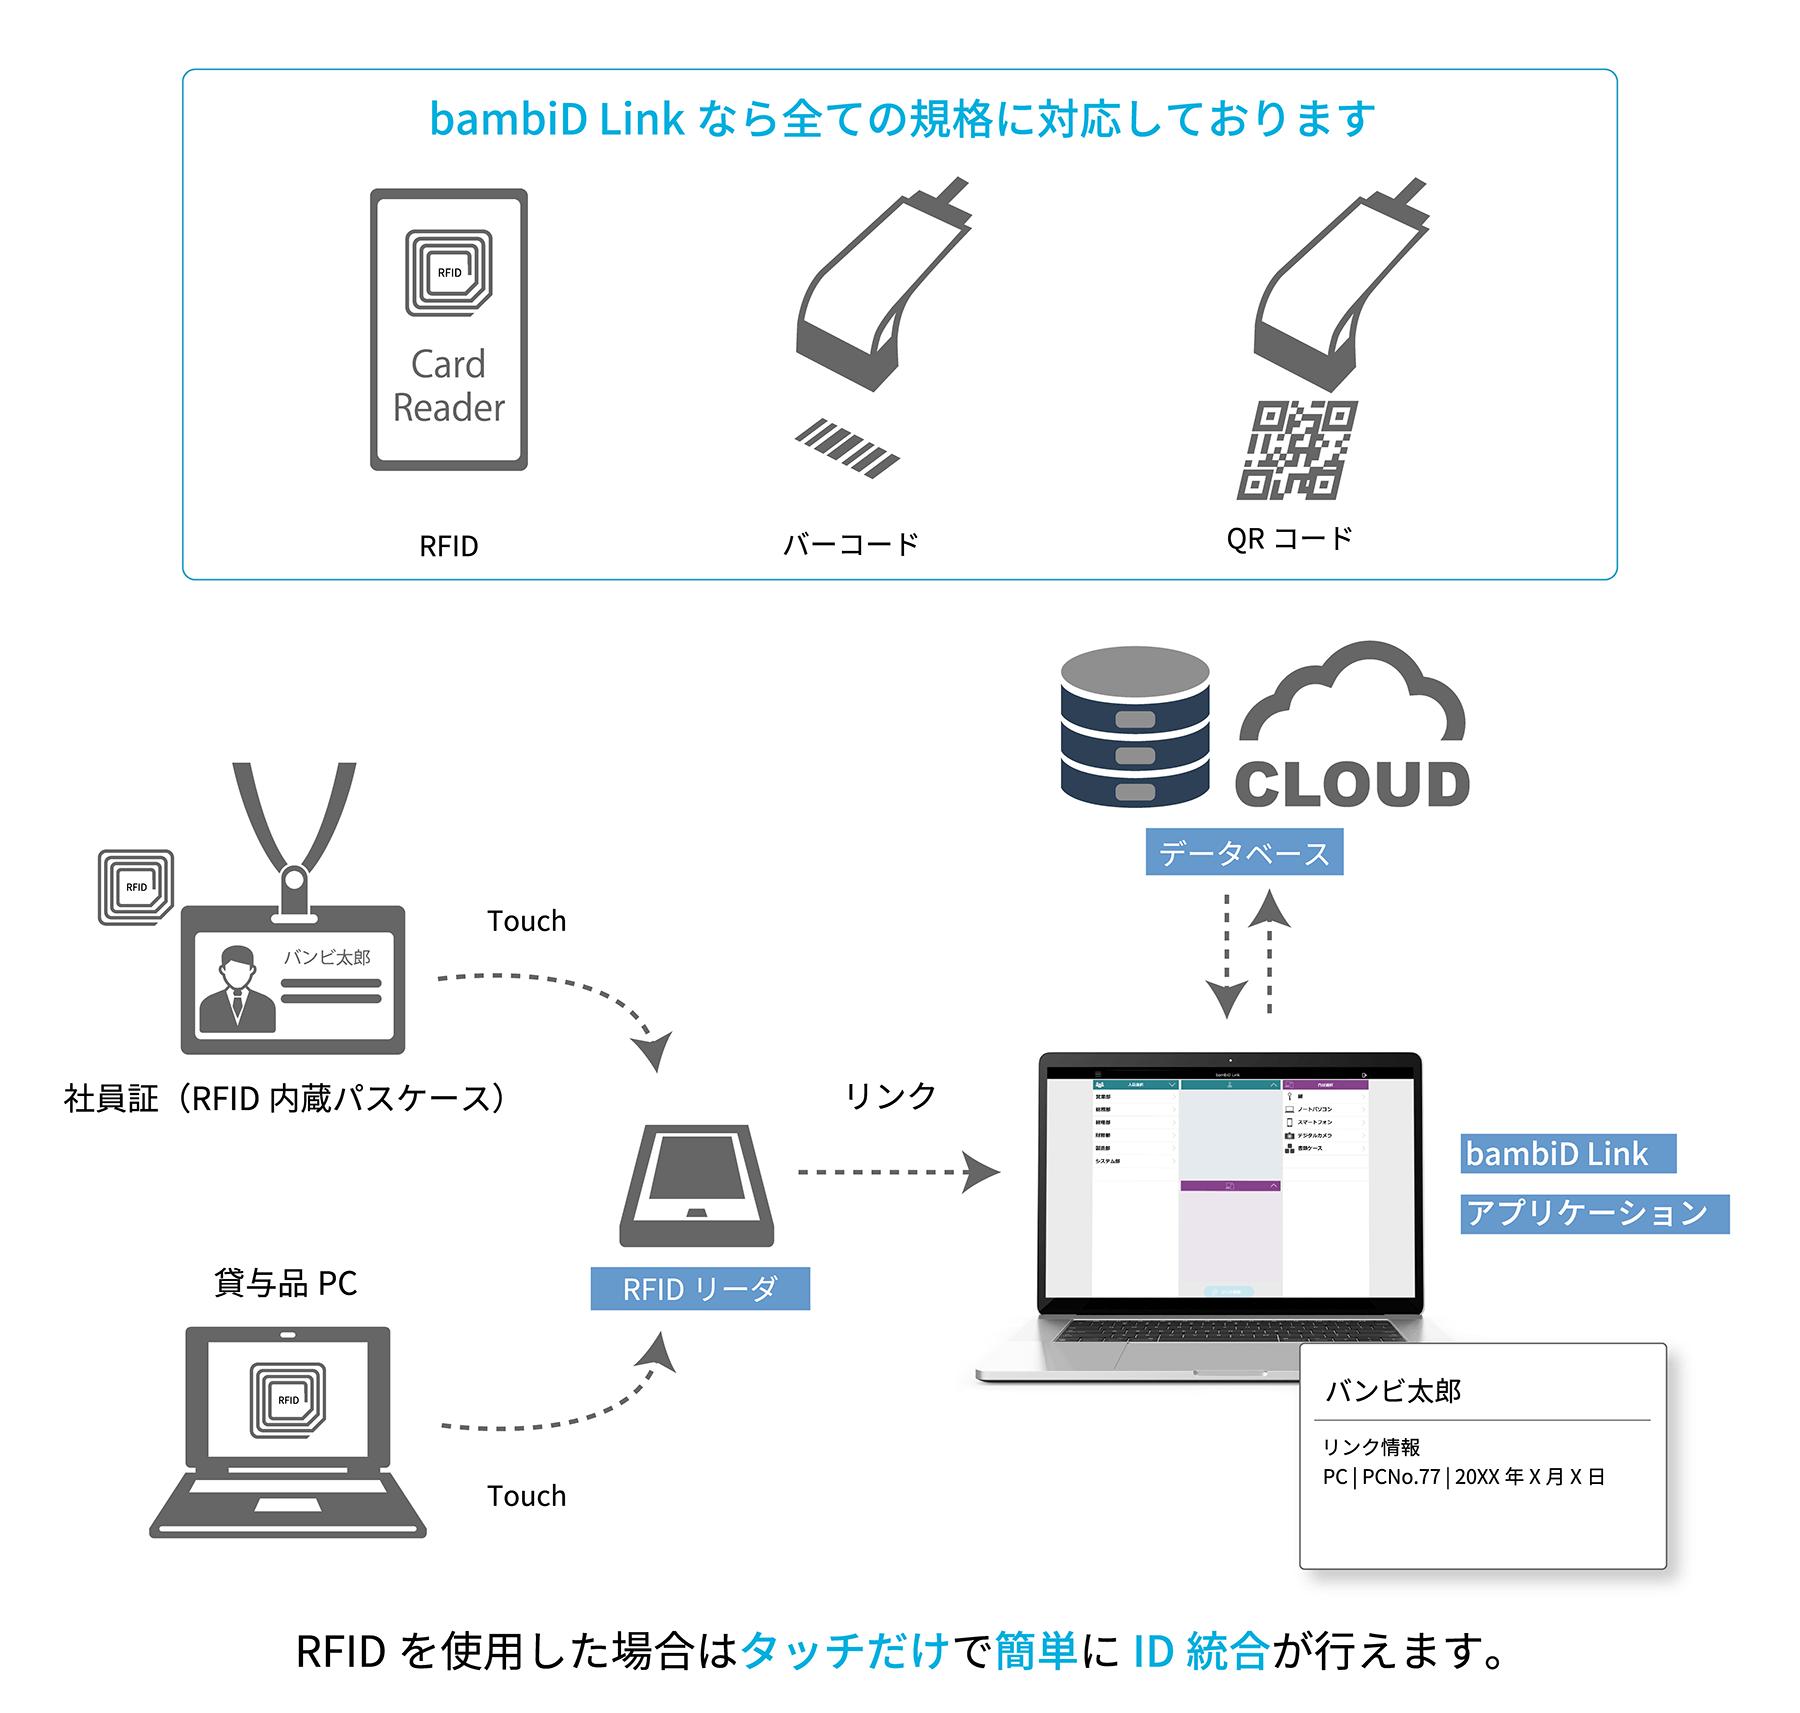 オフィス 屋内 位置情報 活用のイメージ画像